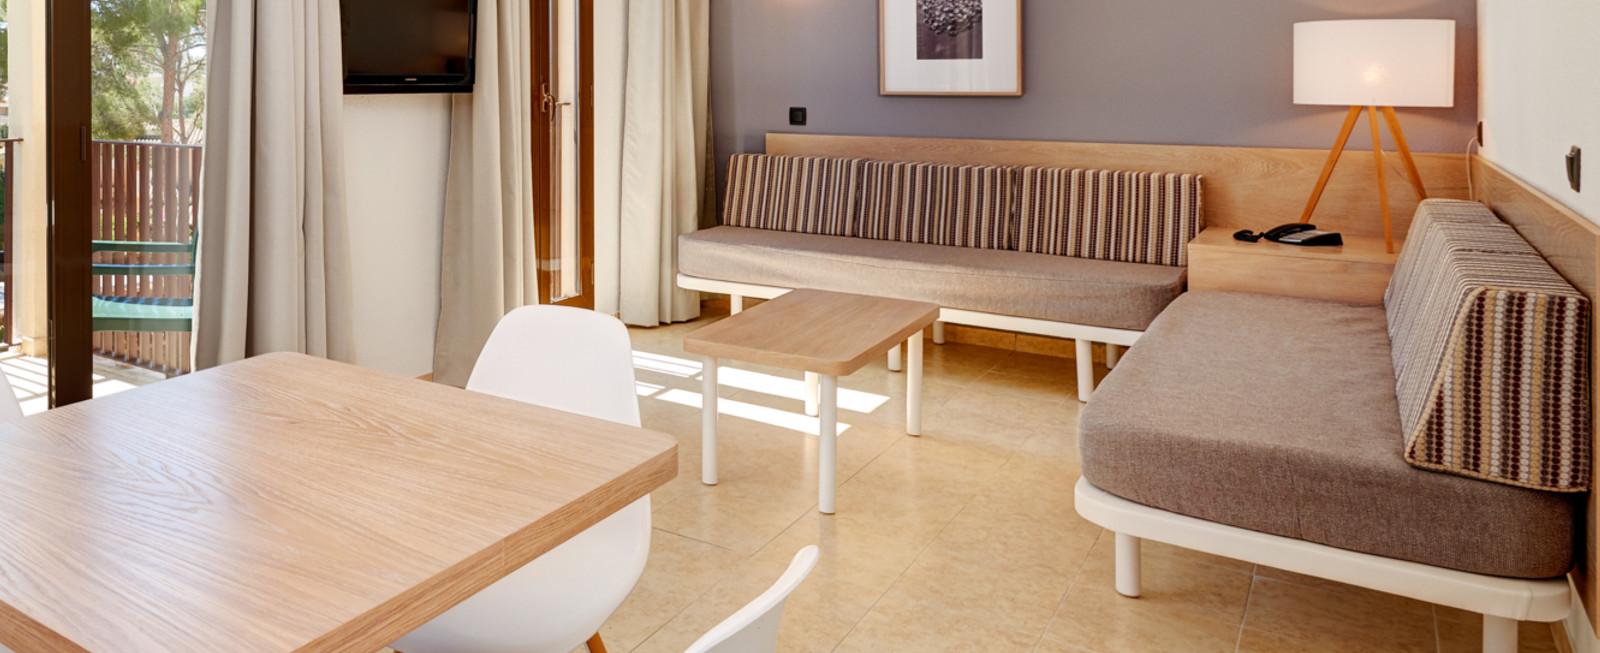 Rooms Protur Atalaya Apartaments Cala Millor Mallorca